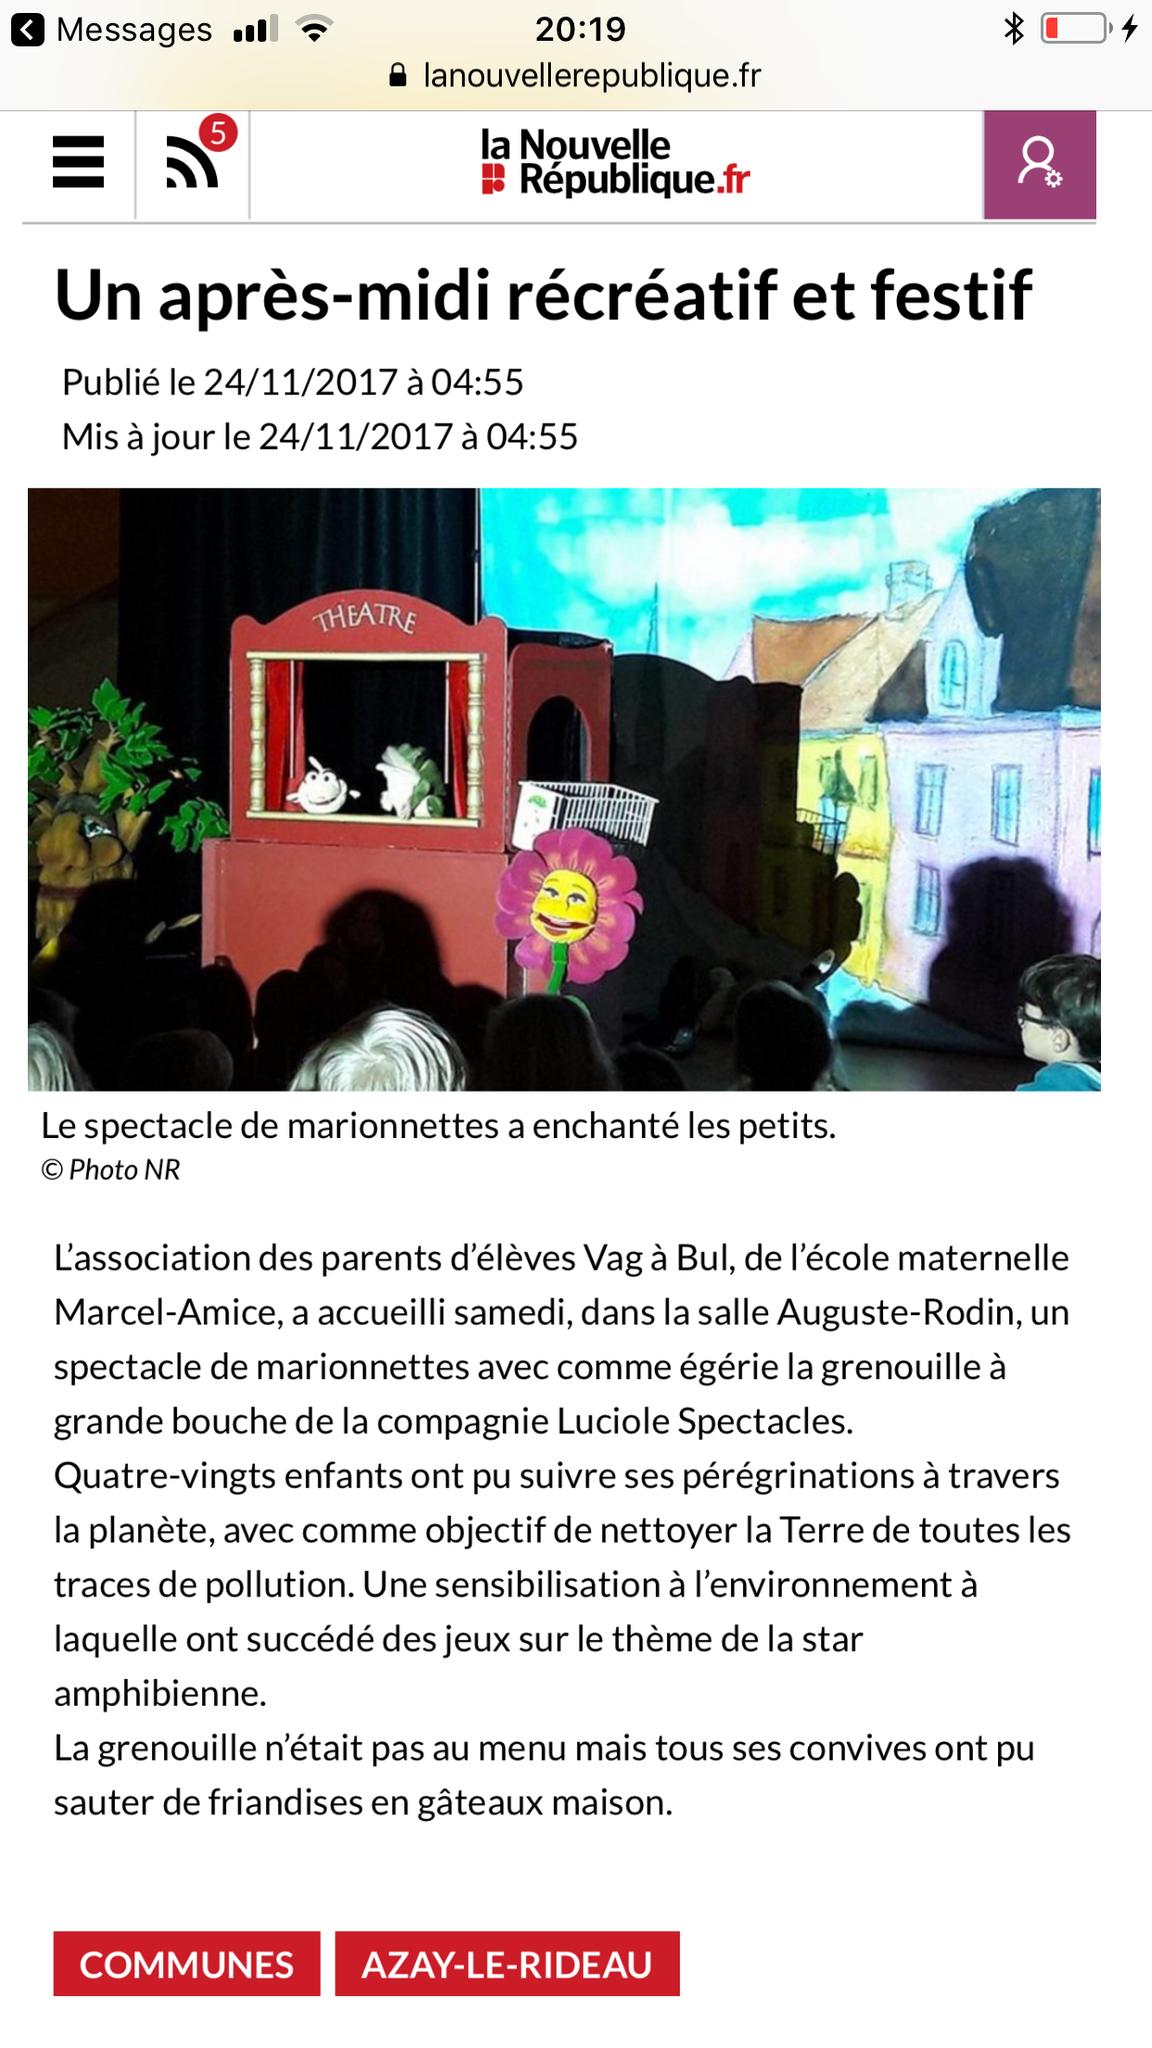 Article sur La Grenouille à Grande Bouche nettoie la Planète à Azay le Rideau-Région Centre-novembre 2017